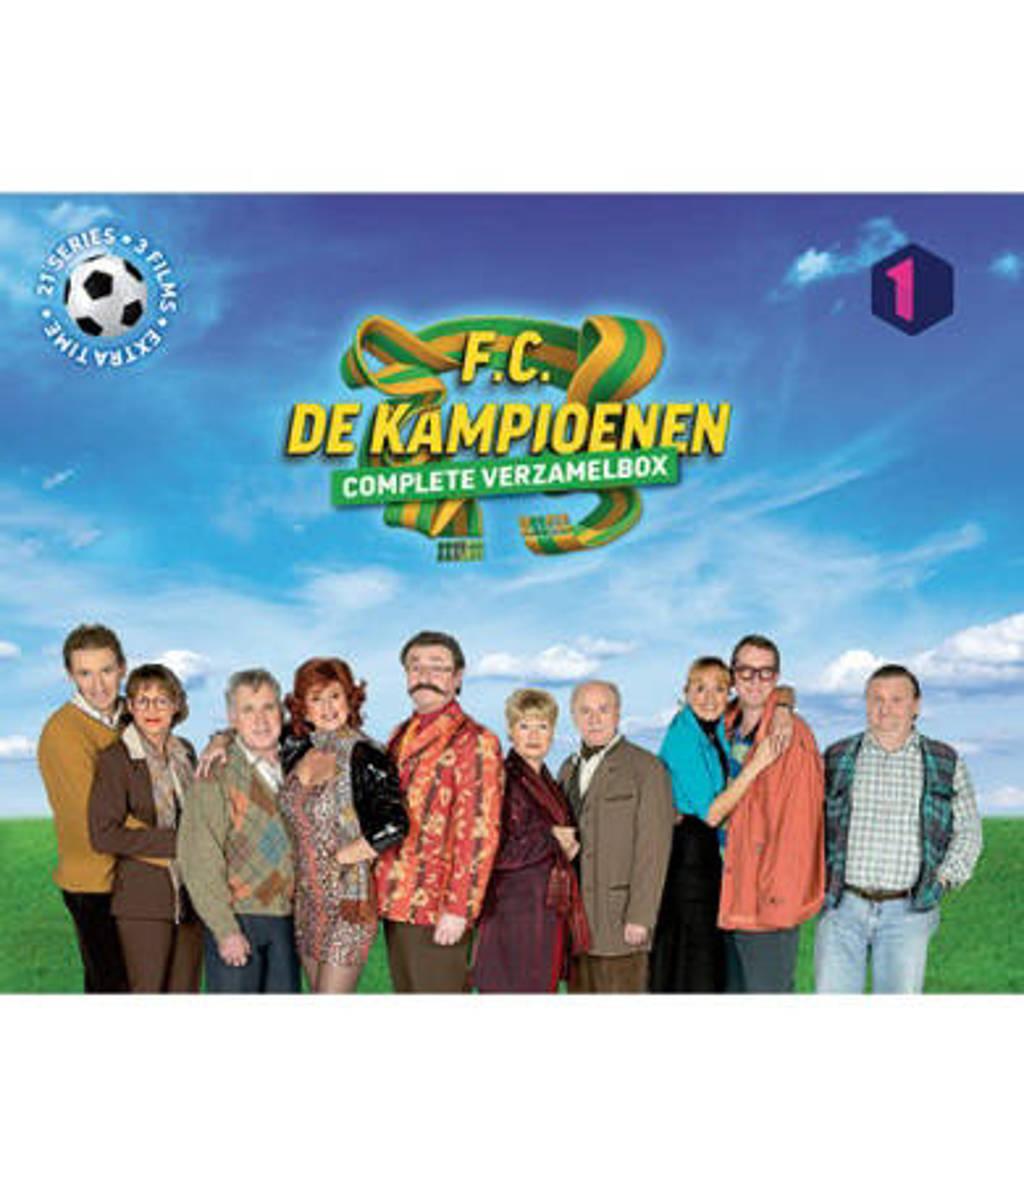 F.C. de kampioenen - Complete collection (+3 films) (DVD)